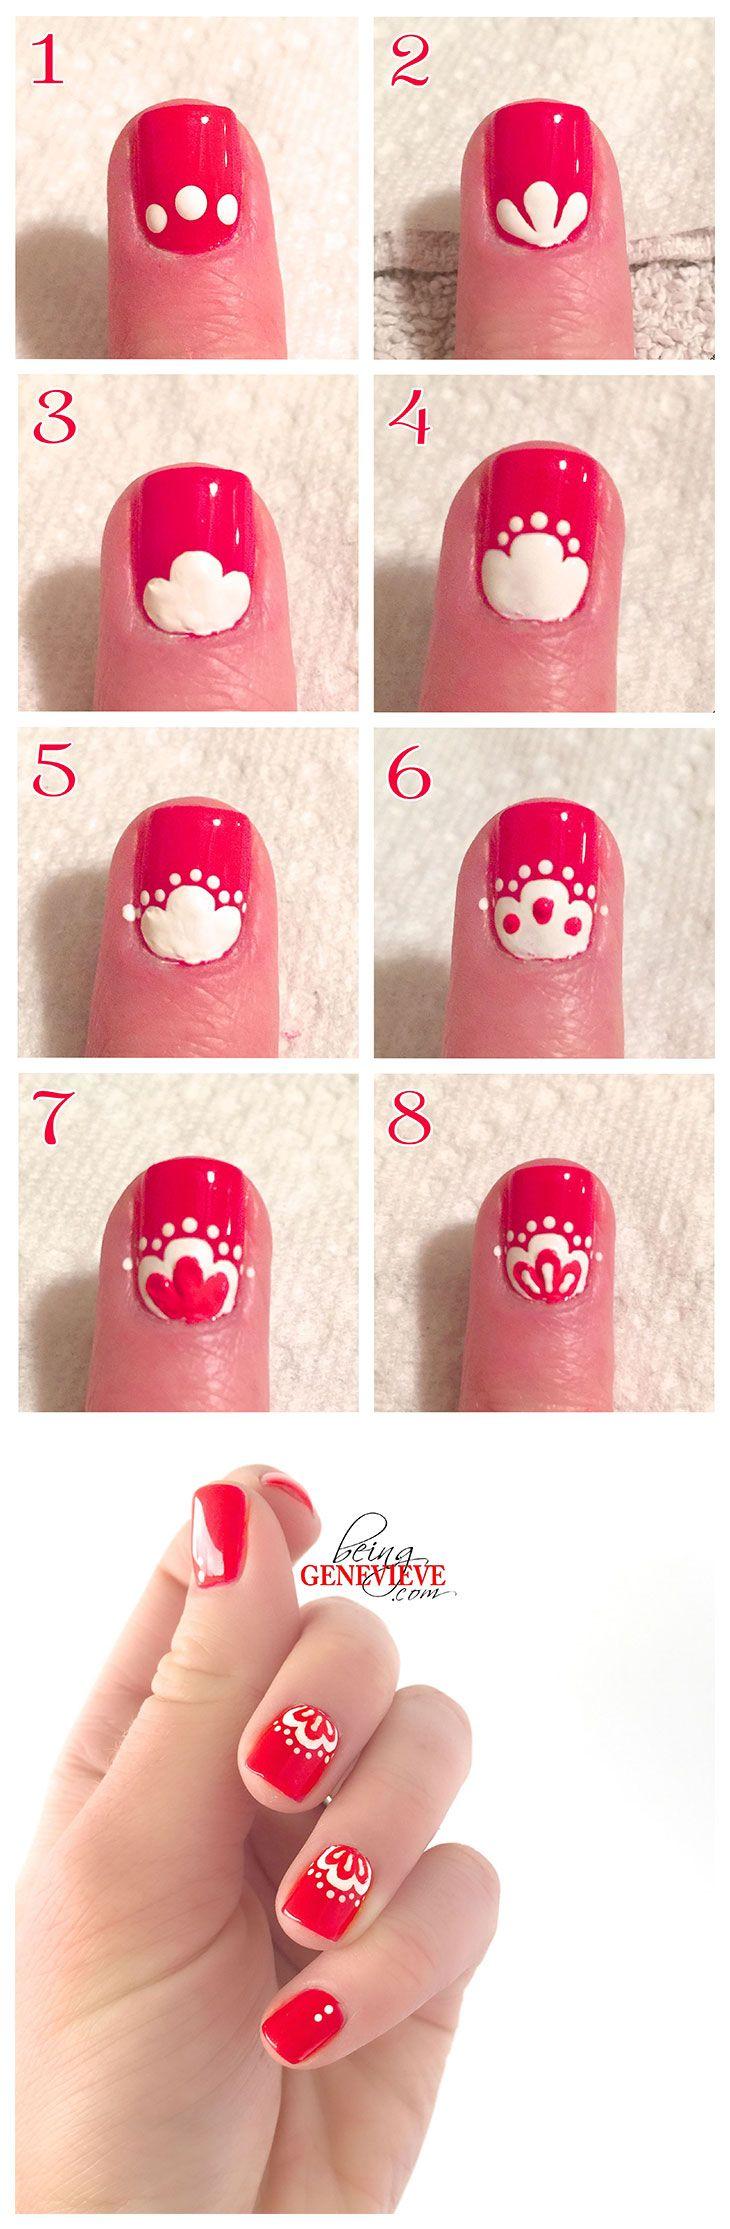 Cute Christmas Nail Art Designs 19 Source